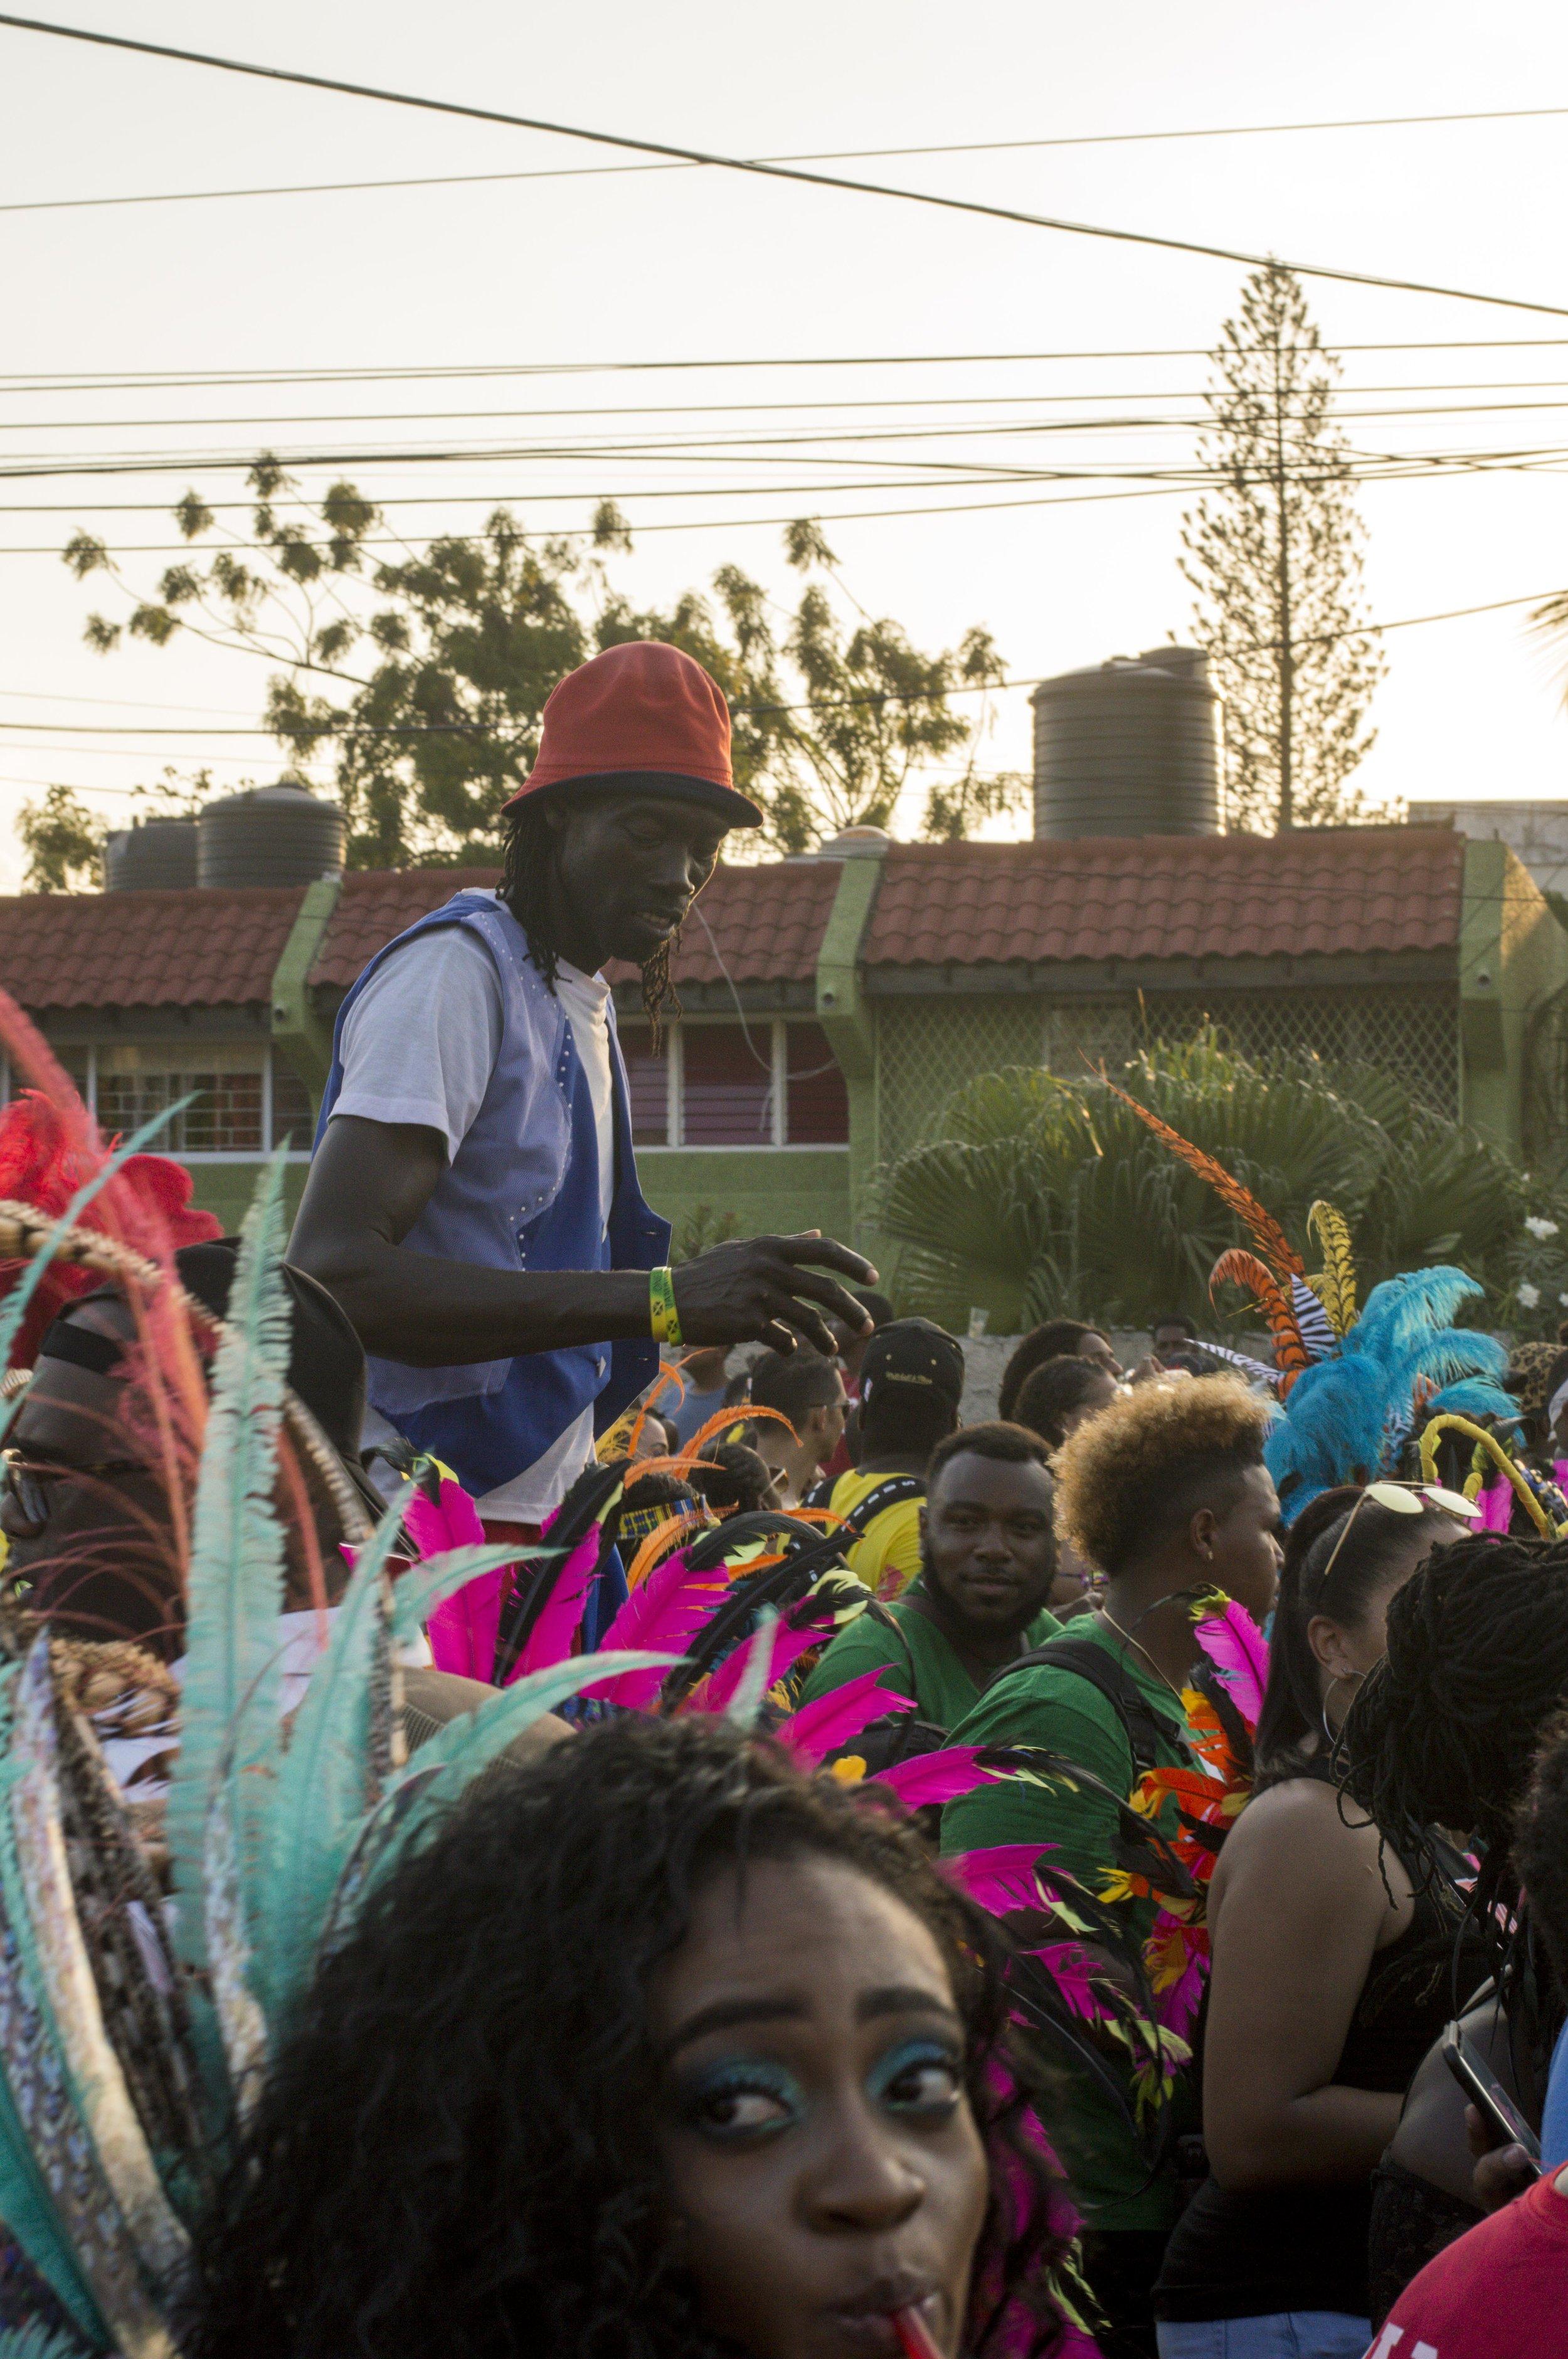 carnival2019_jeanalindo-30.jpg